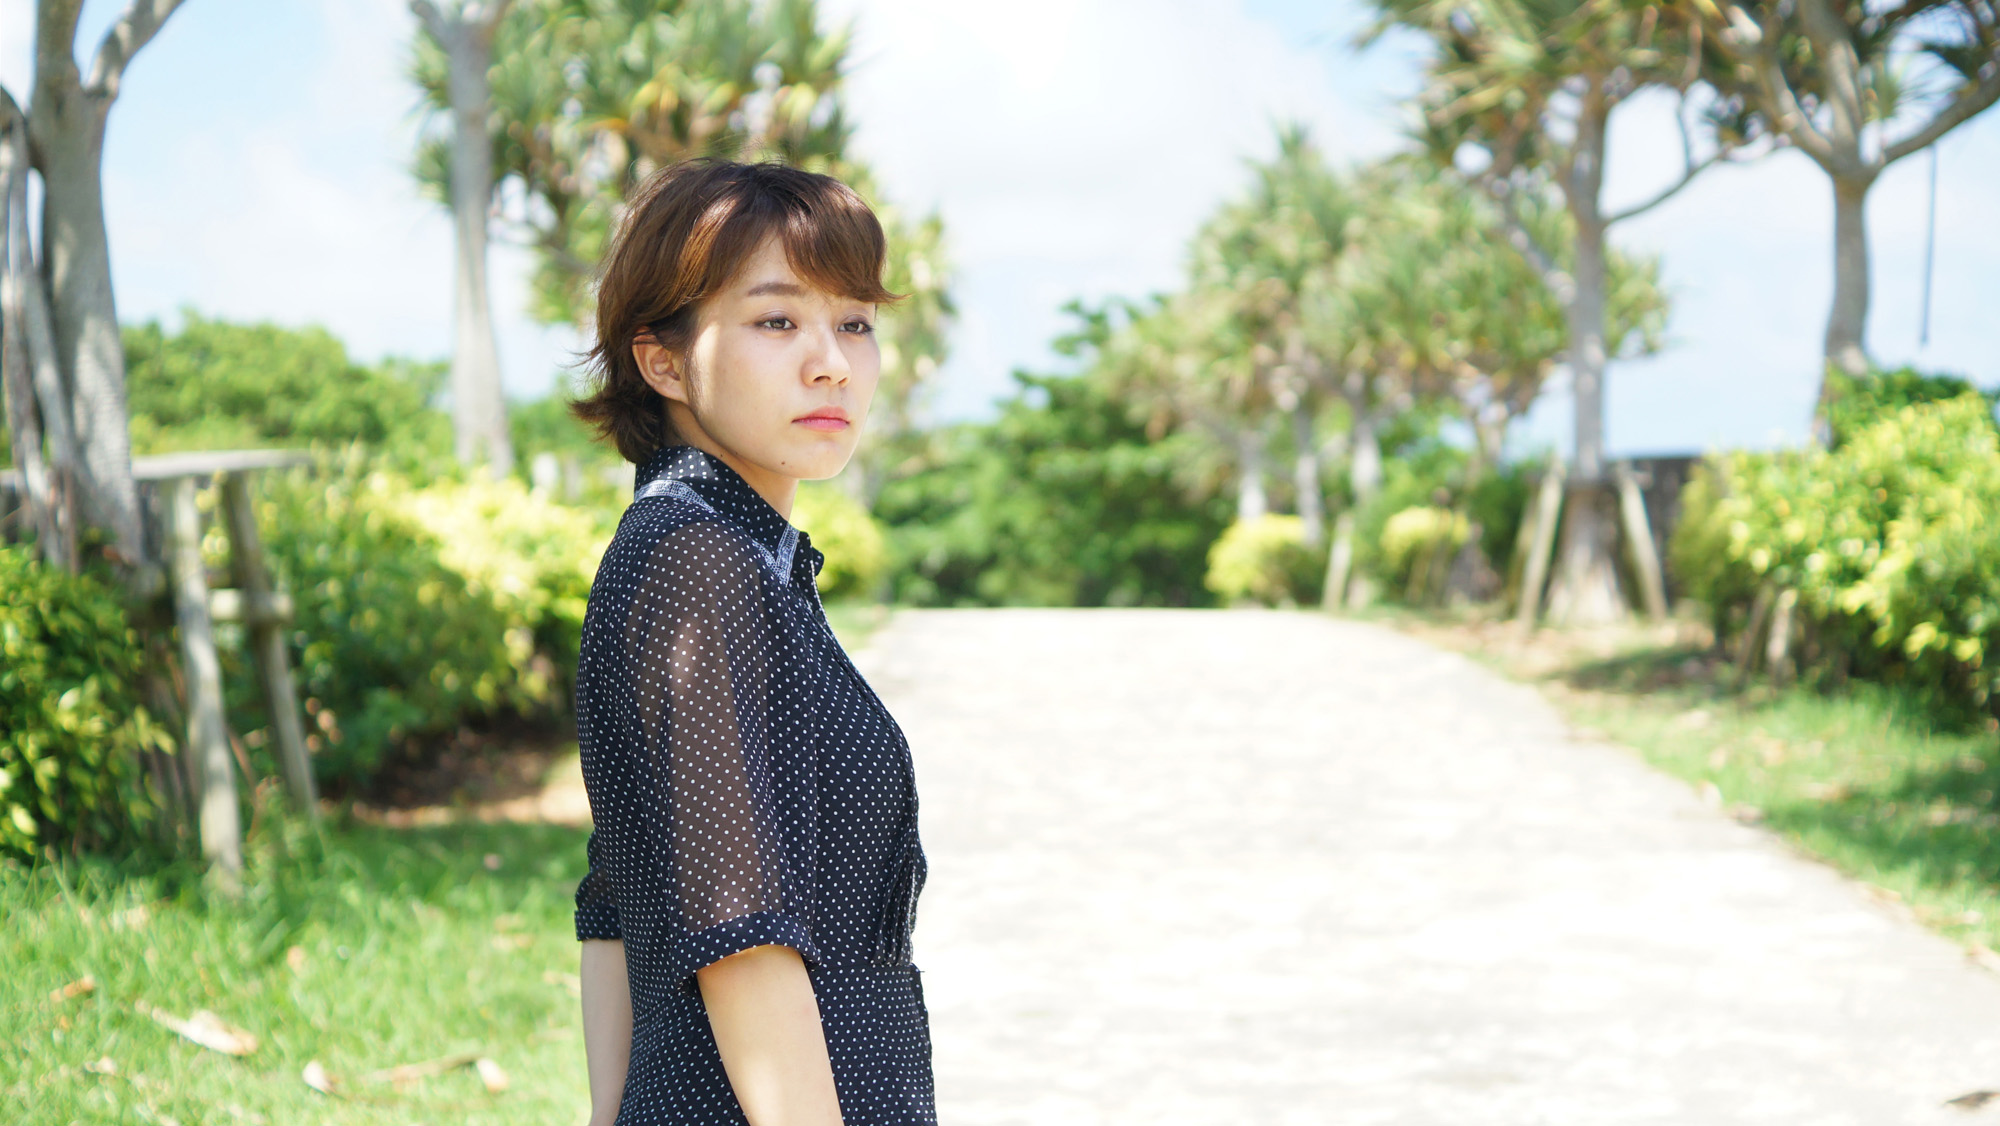 沖縄の写真 糸満撮影 model:yuka